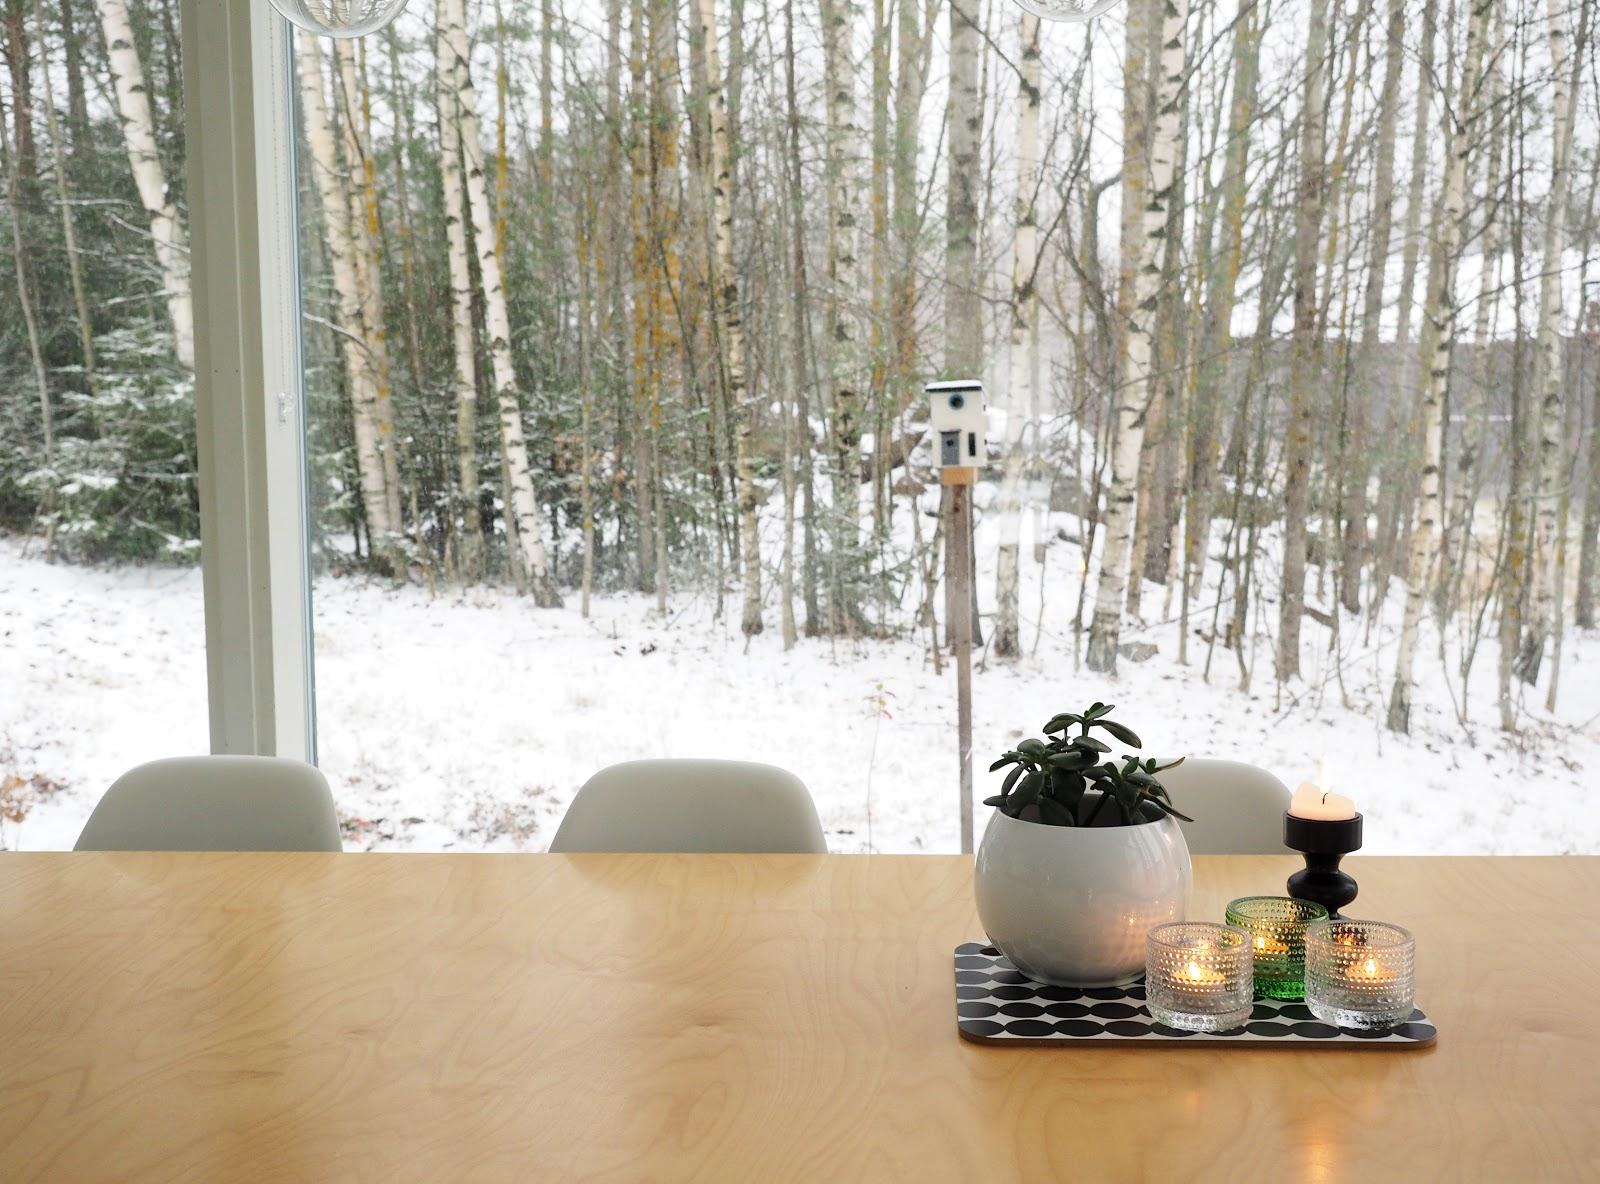 ensilumi, kynttilät, keittiön pöytä